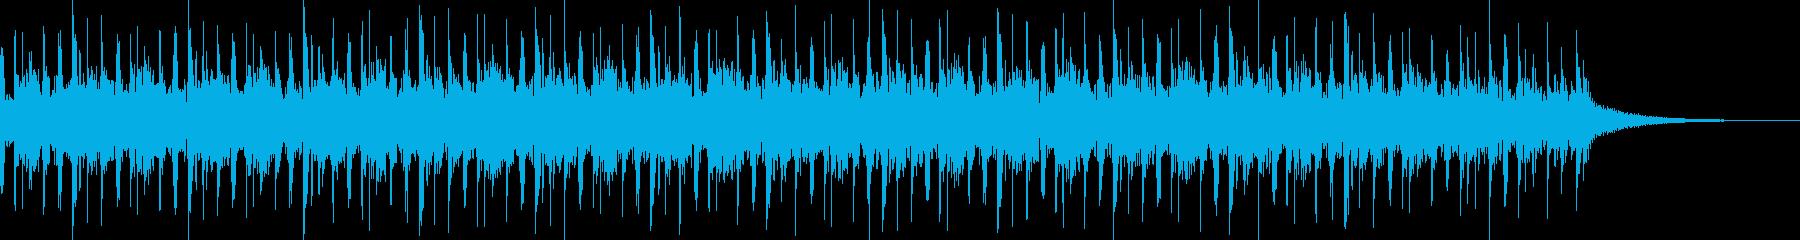 旅 温泉 城下町 ユルい壮大テクノポップの再生済みの波形